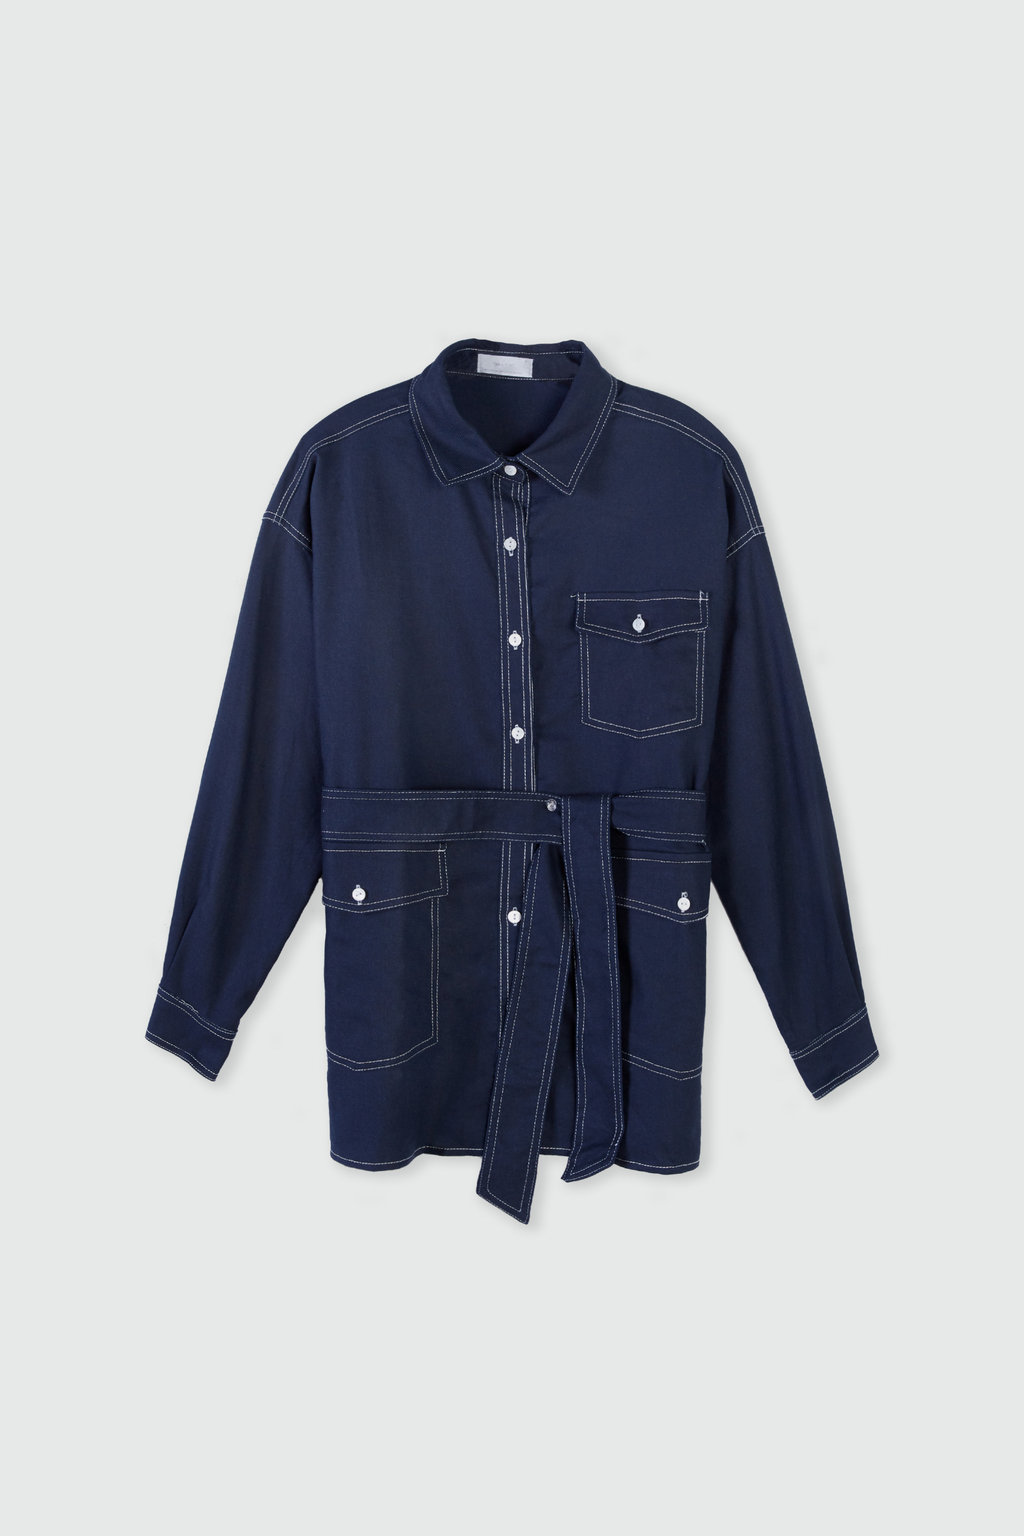 Jacket J001 Indigo 7